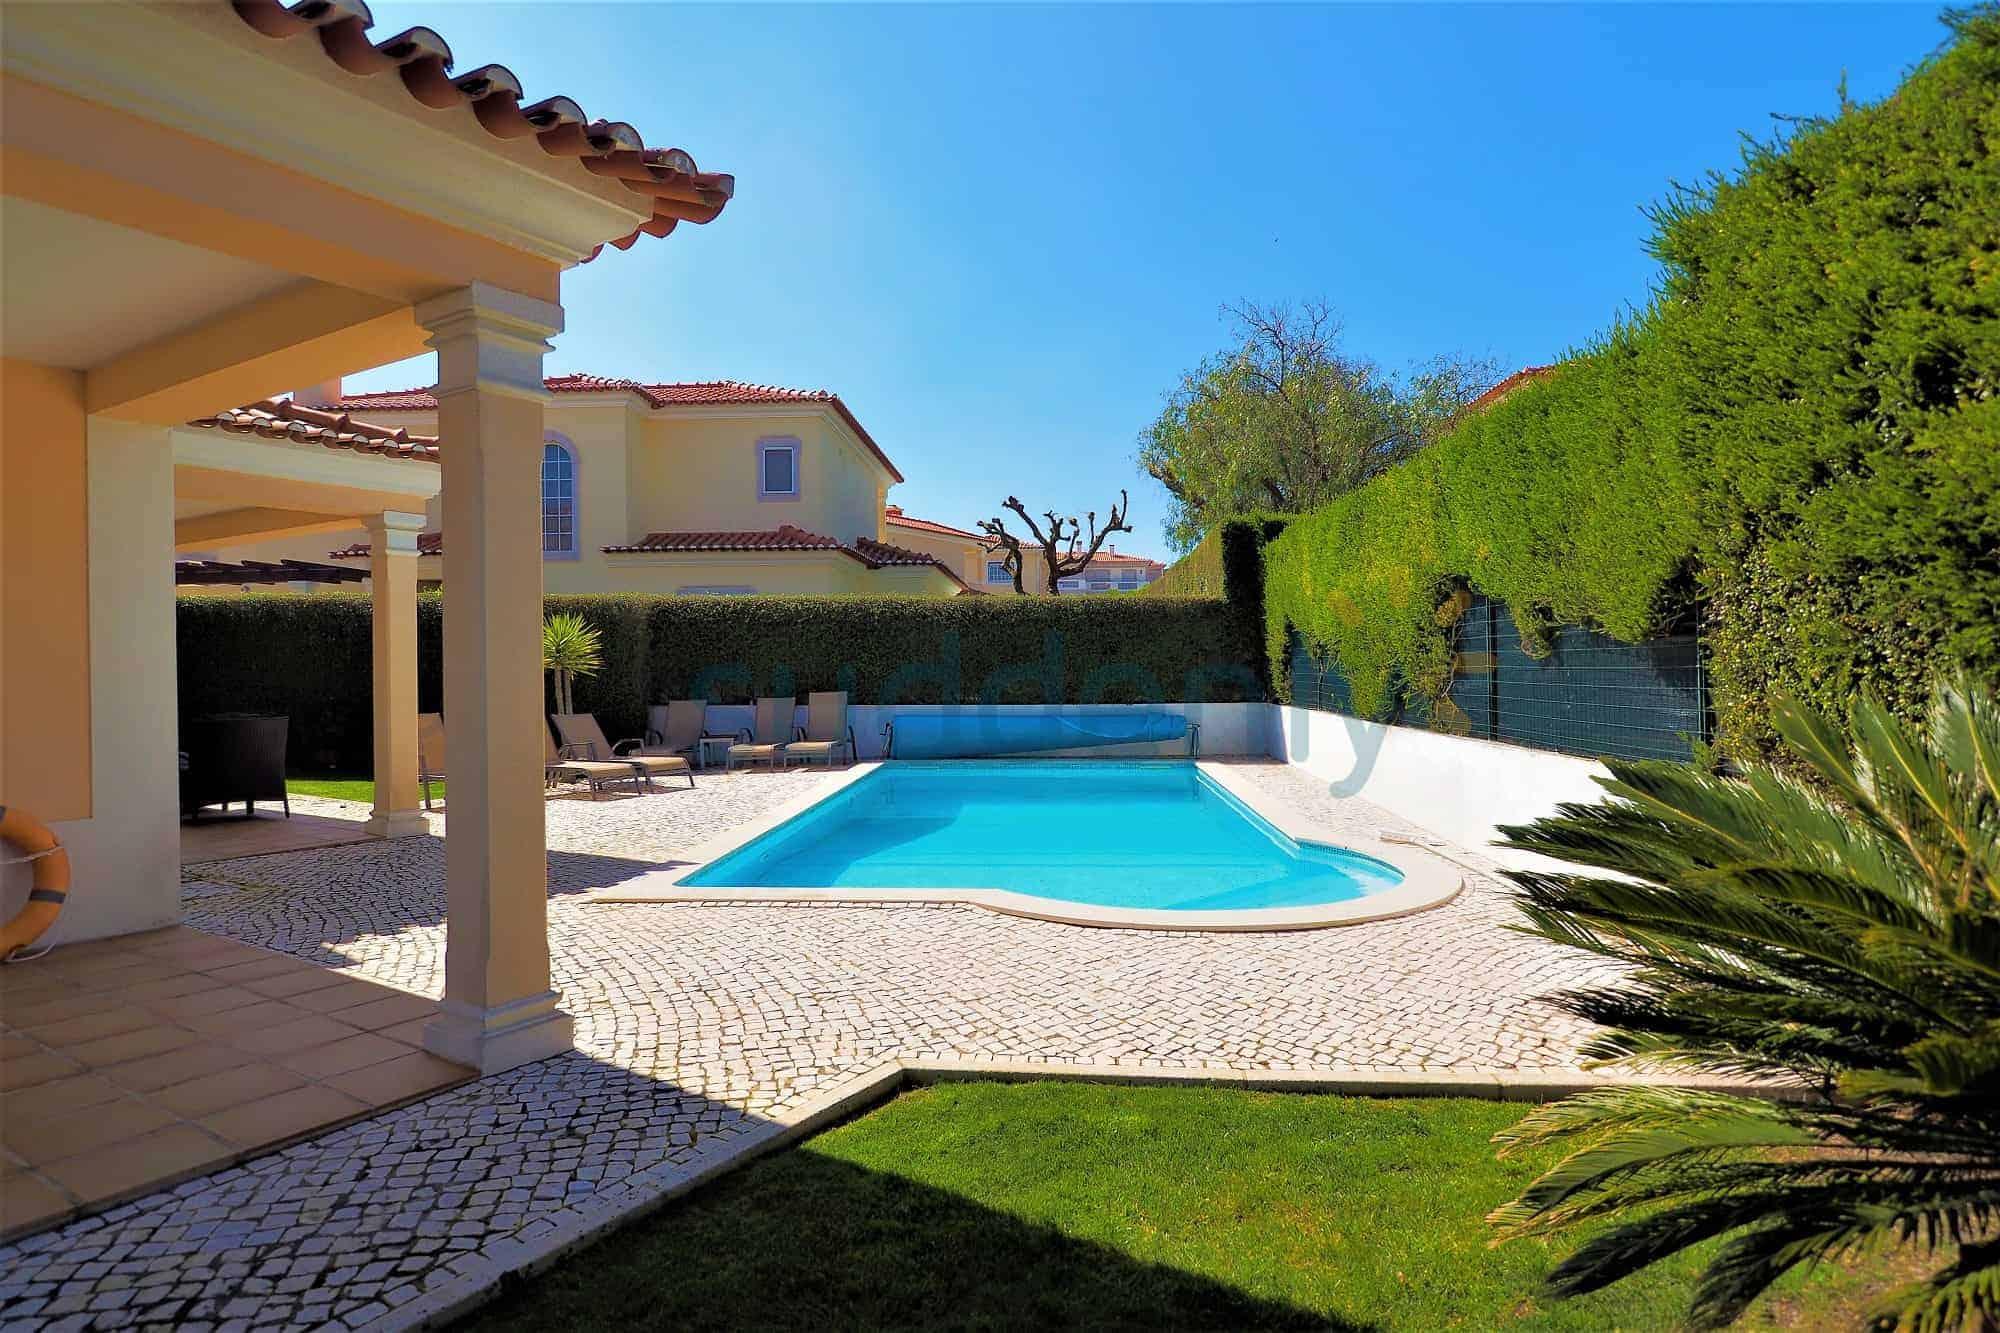 Holiday Rentals in Praia D'El Rey 4